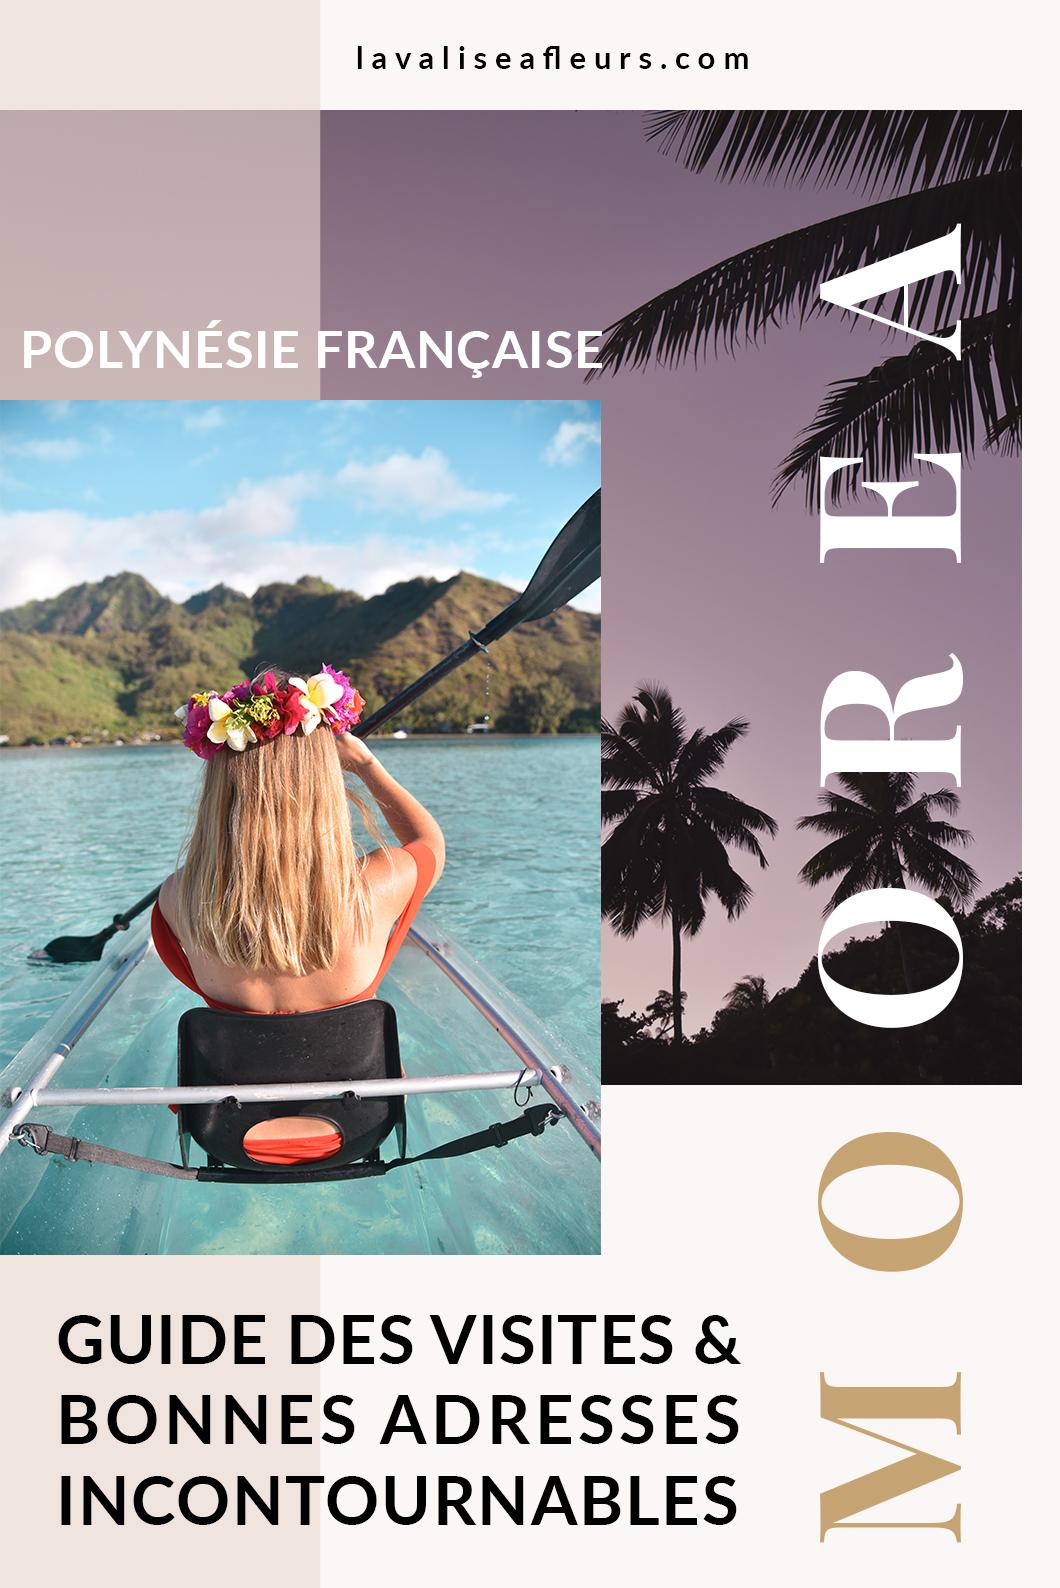 Guide des bonnes adresses et visites incontournables à Moorea en Polynésie Française